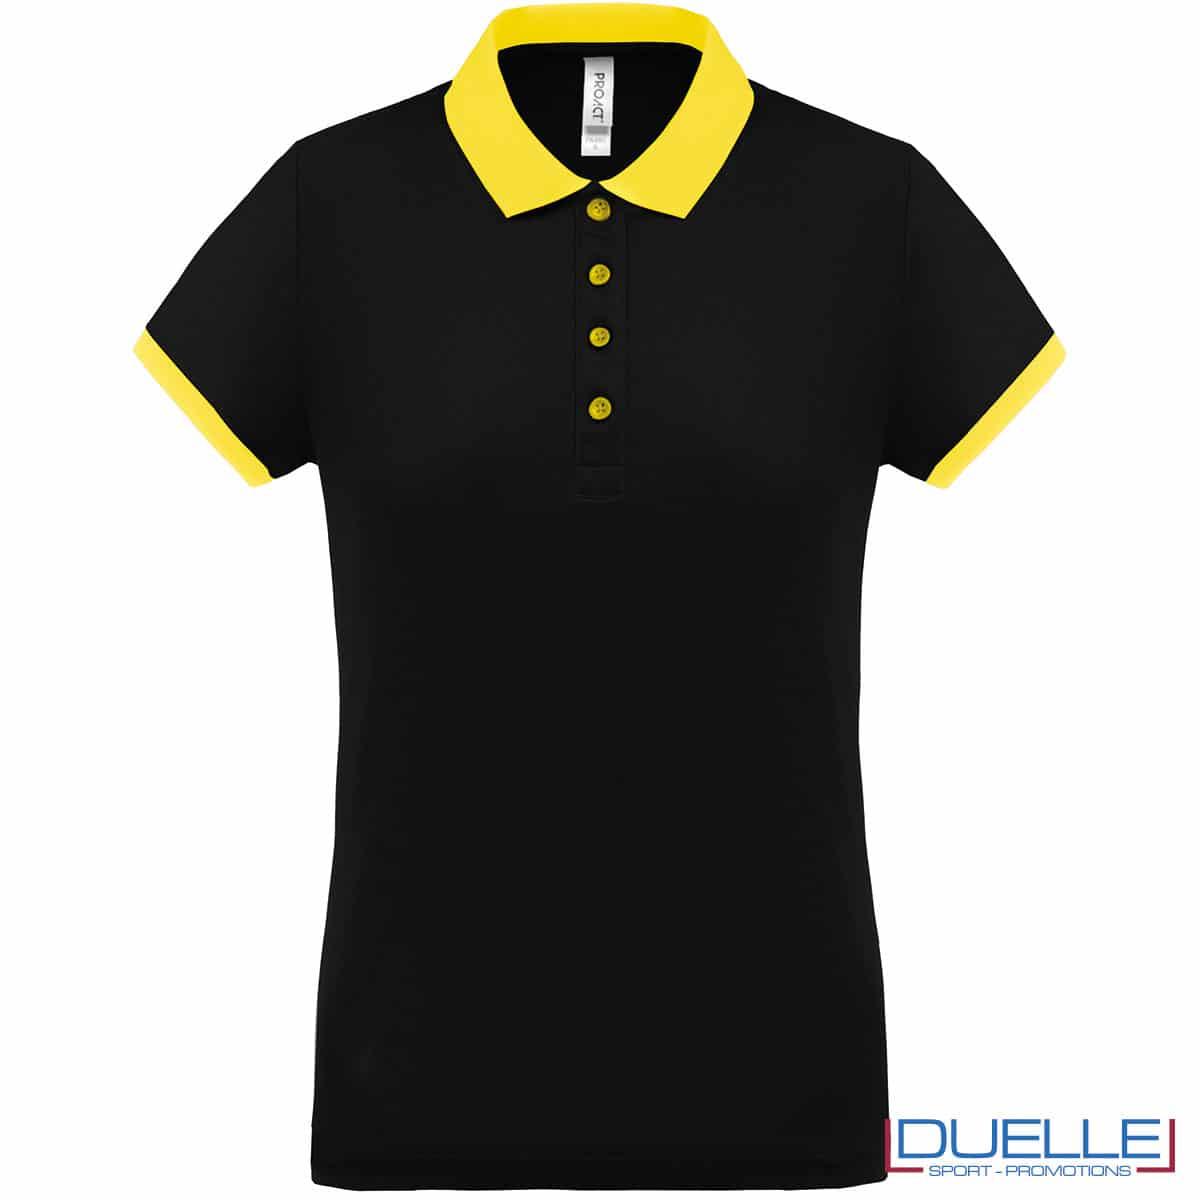 polo nera da donna con colletto giallo